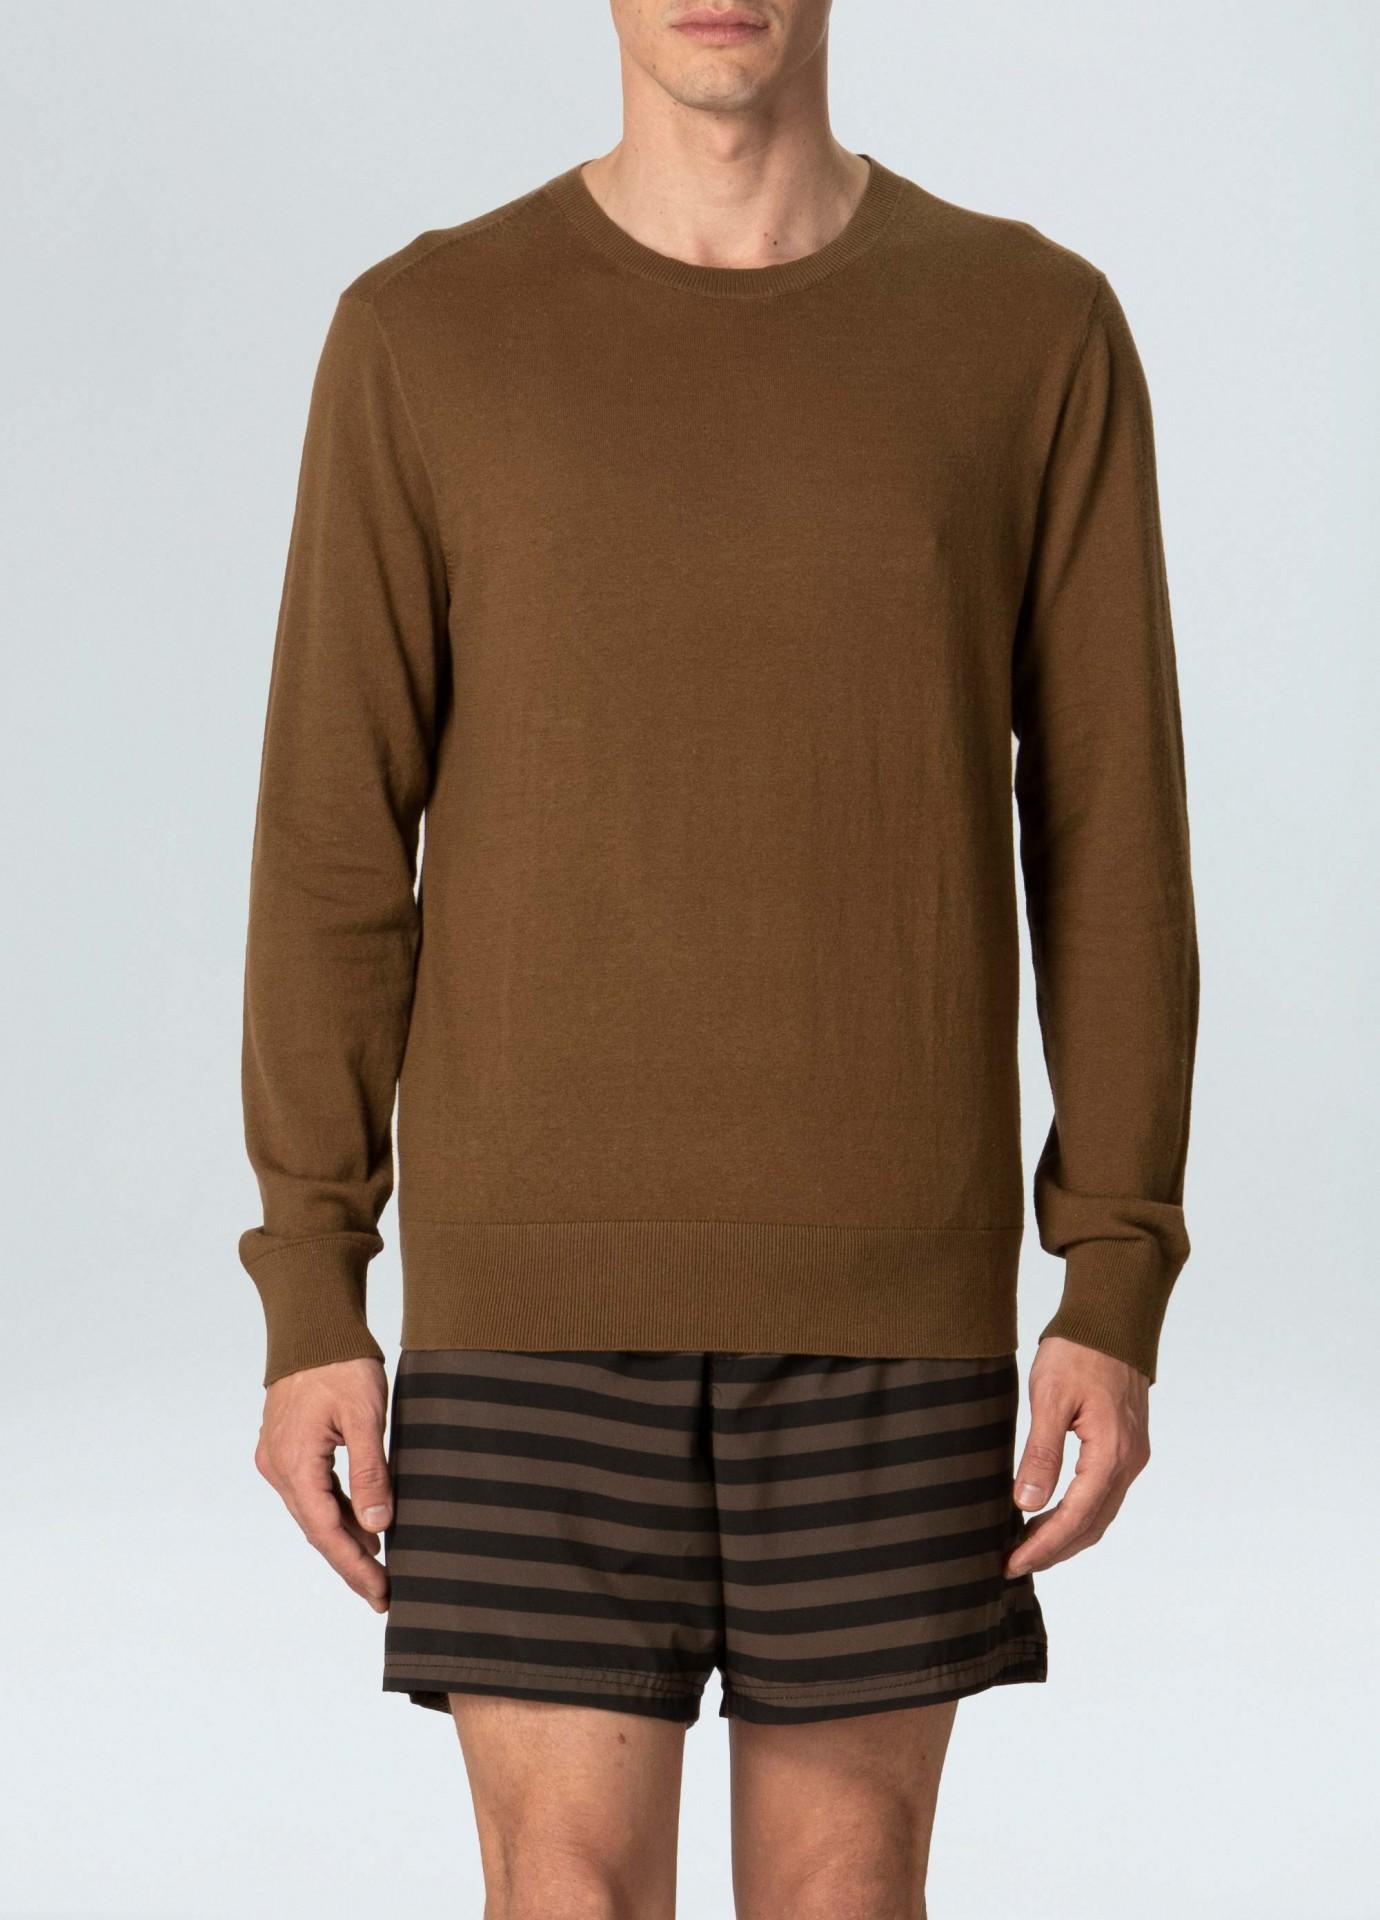 Sweater Masculino Osklen Tricot Classic Cotton